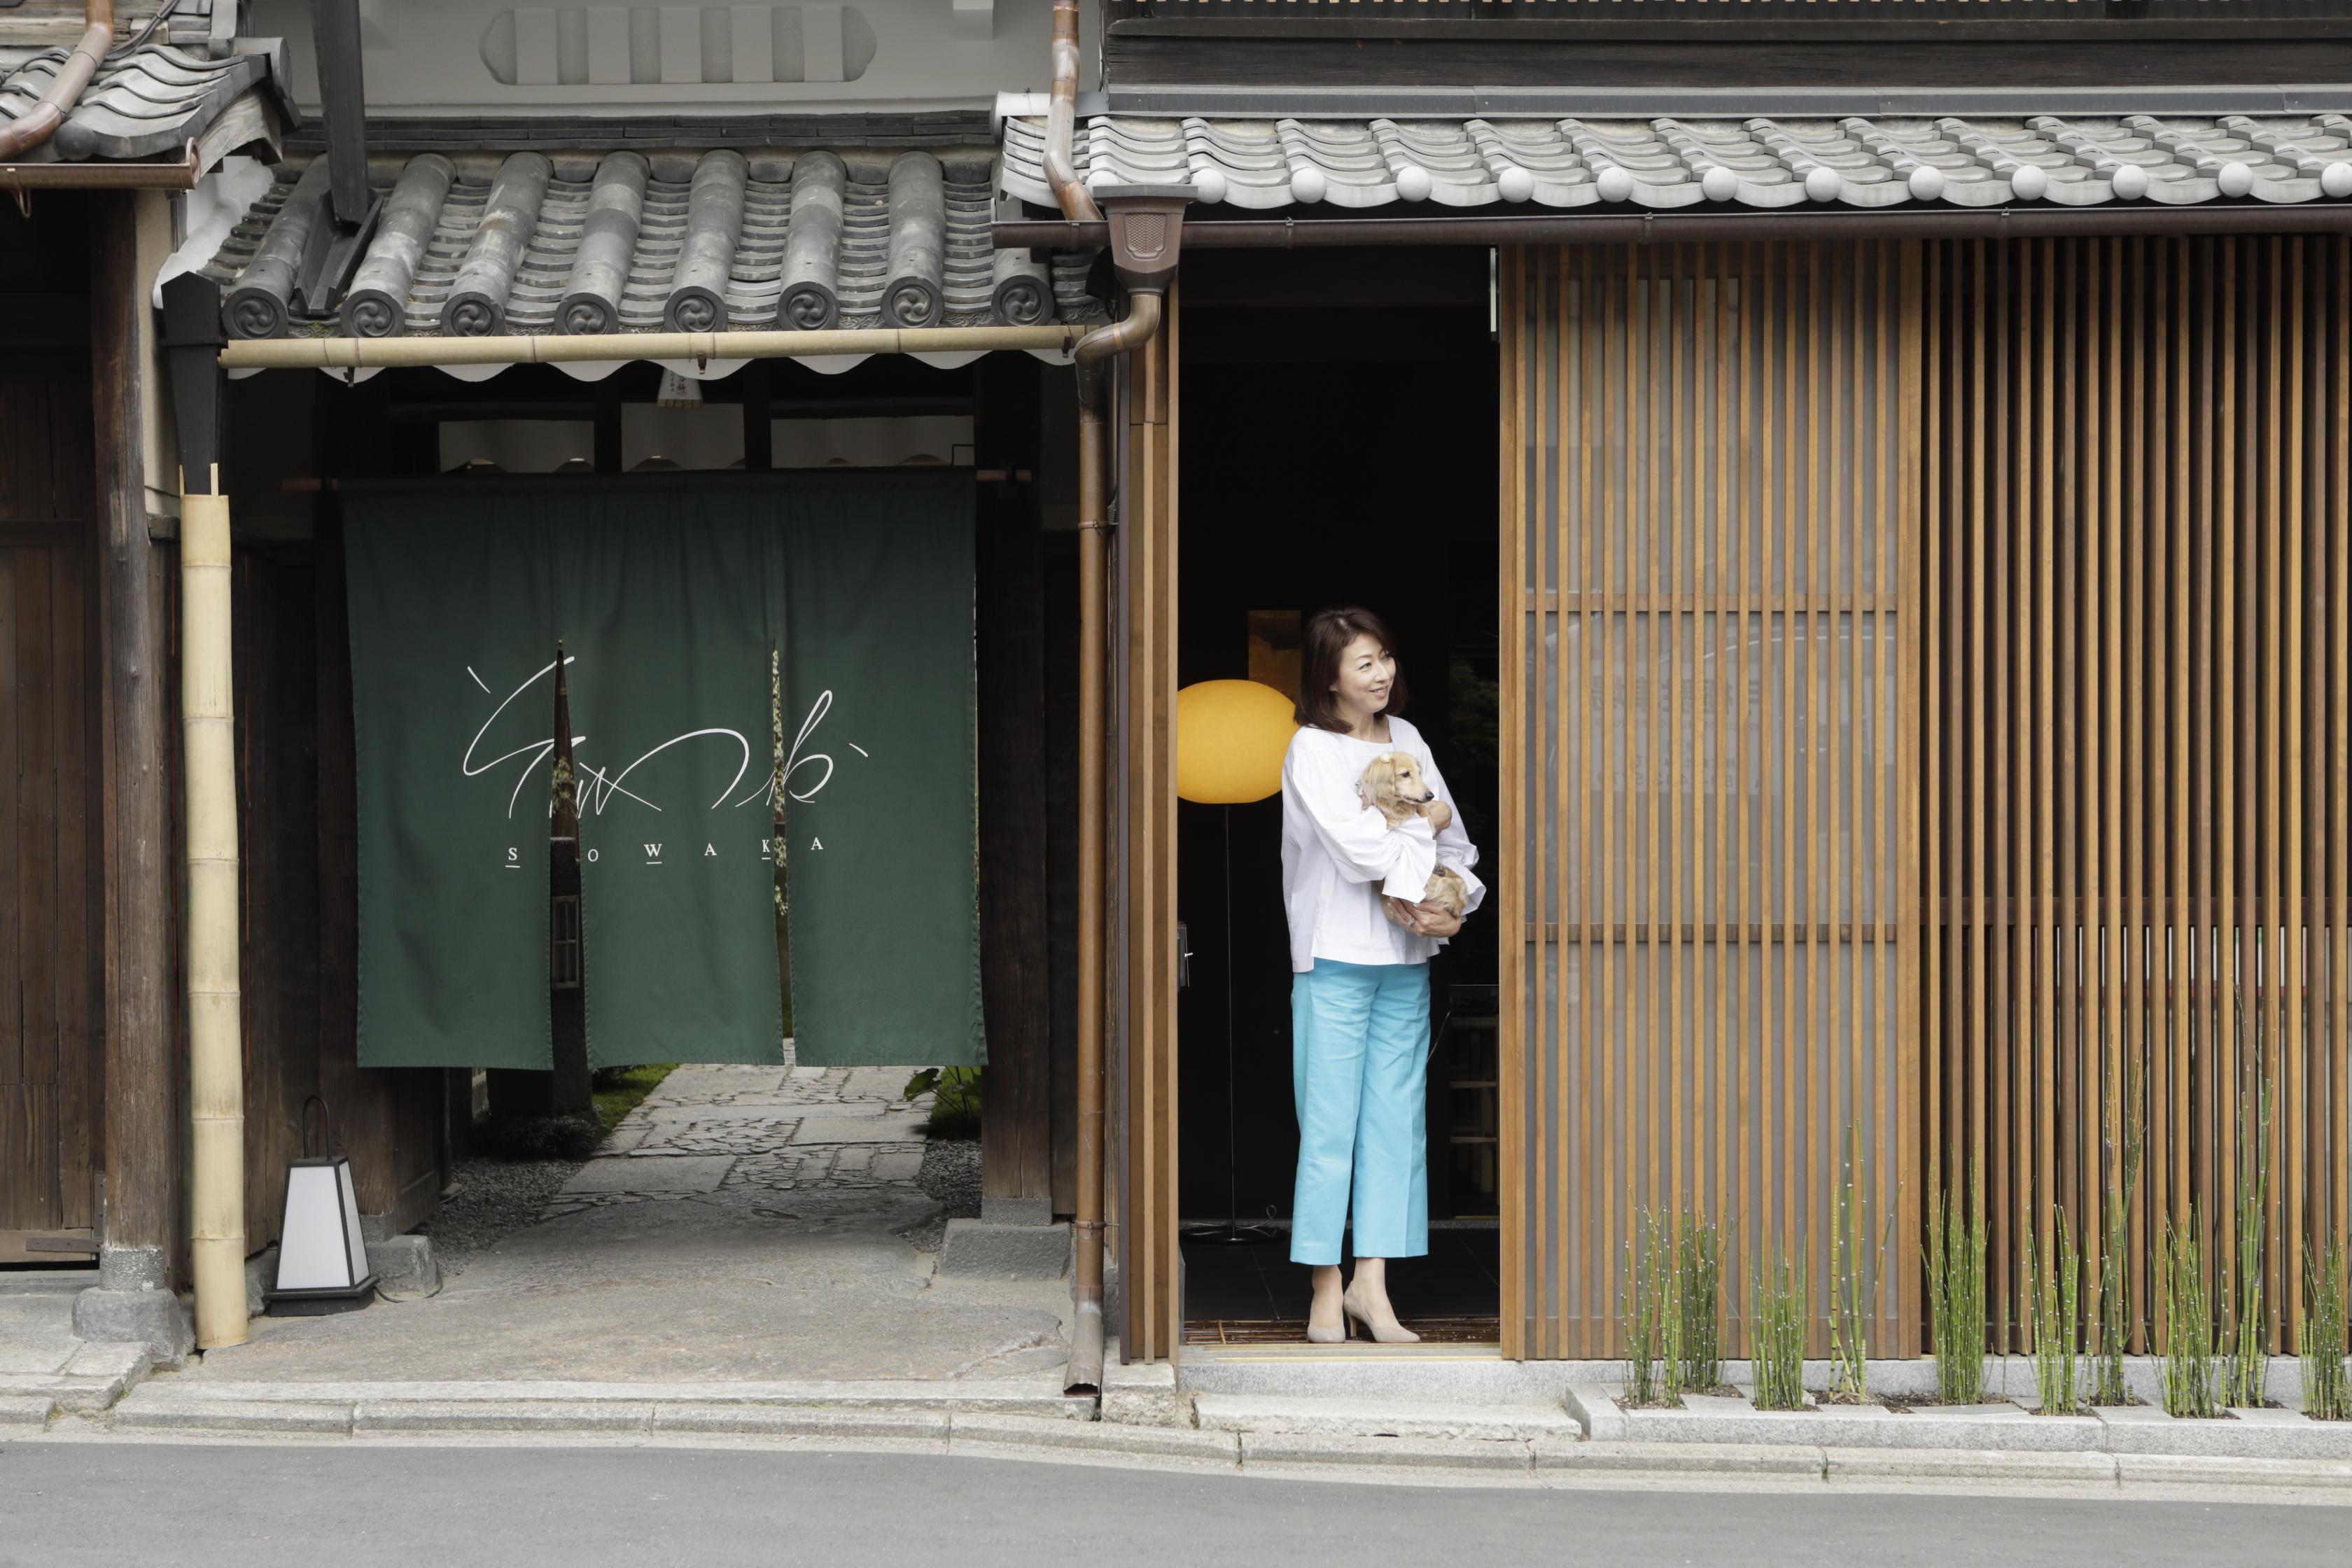 ペットと宿泊できる京都・祇園八坂エリアのホテル「そわか(SOWAKA)」